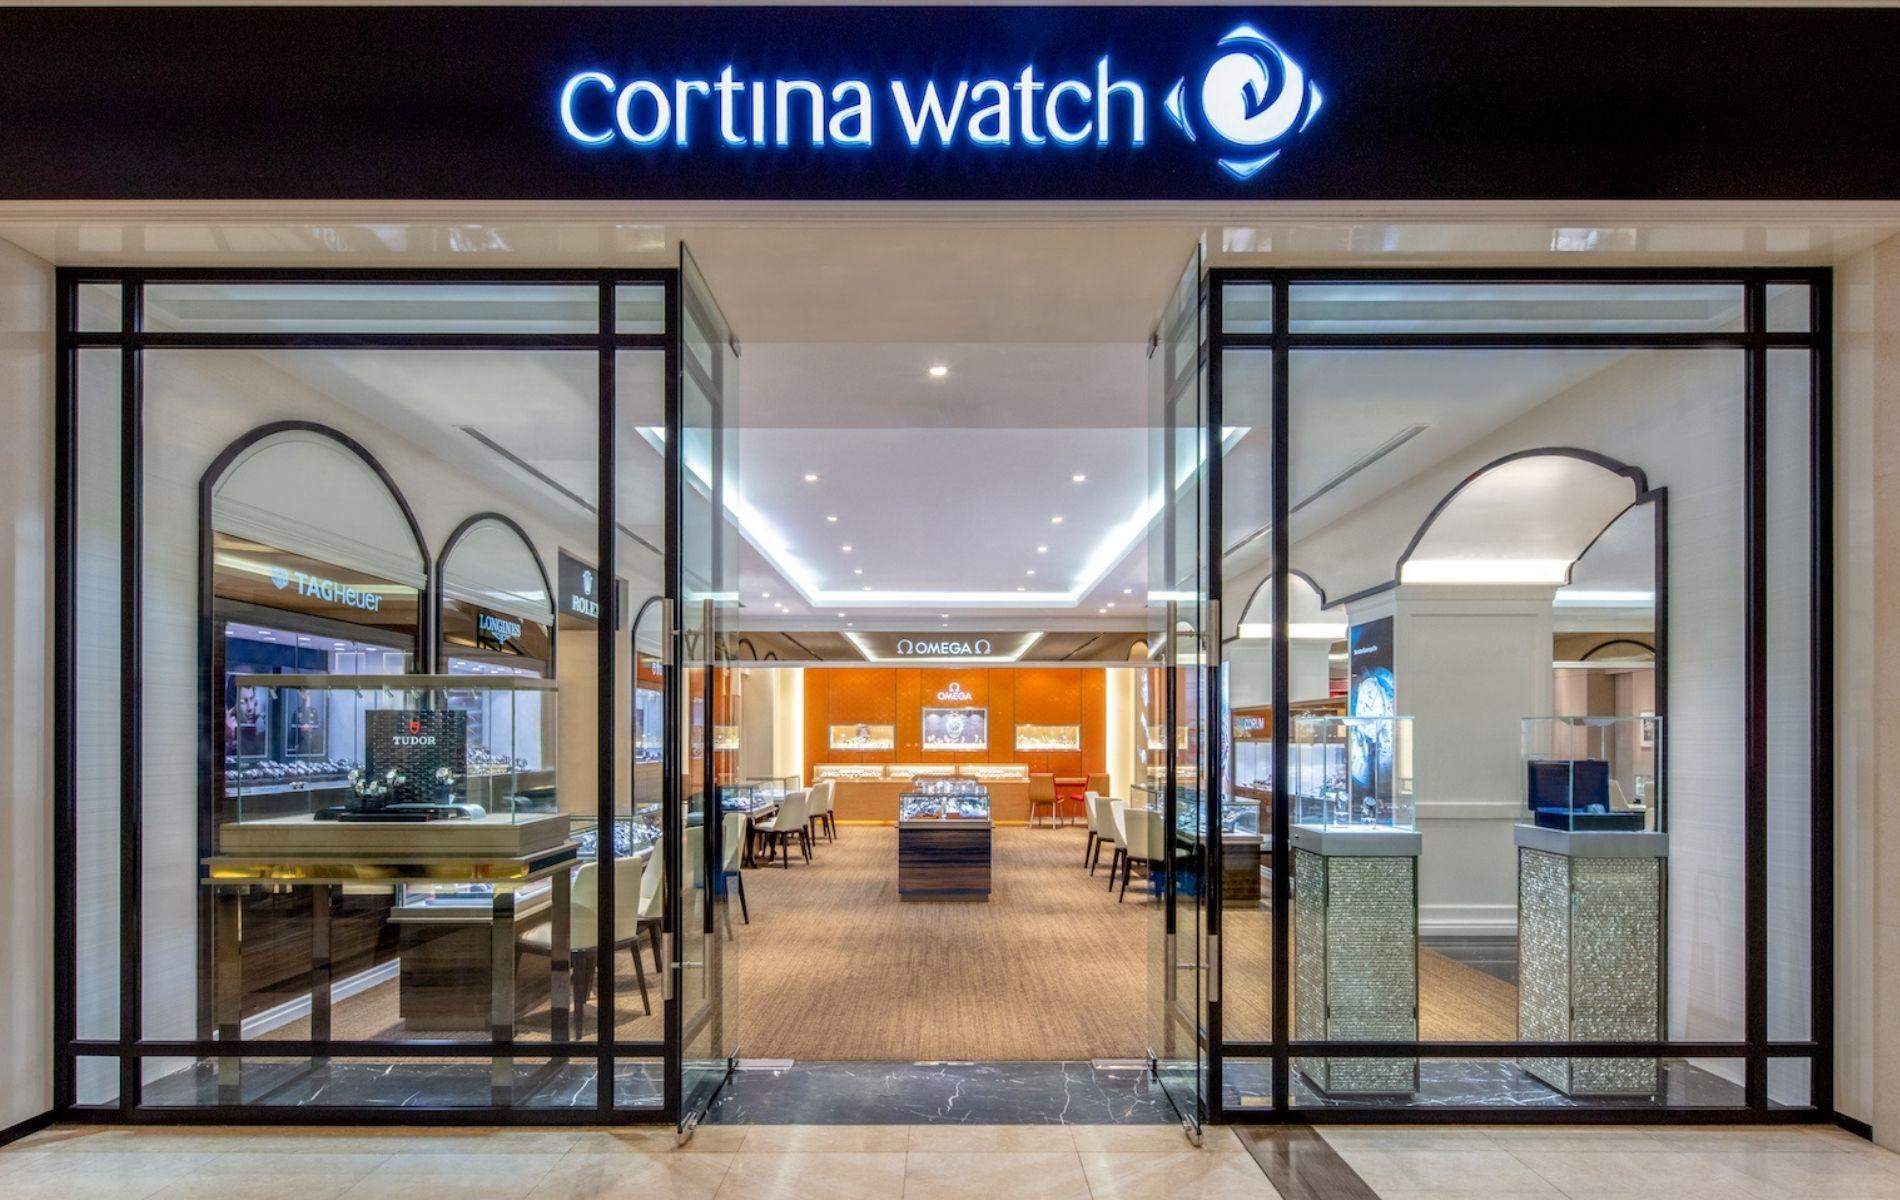 Photo: Cortina Watch